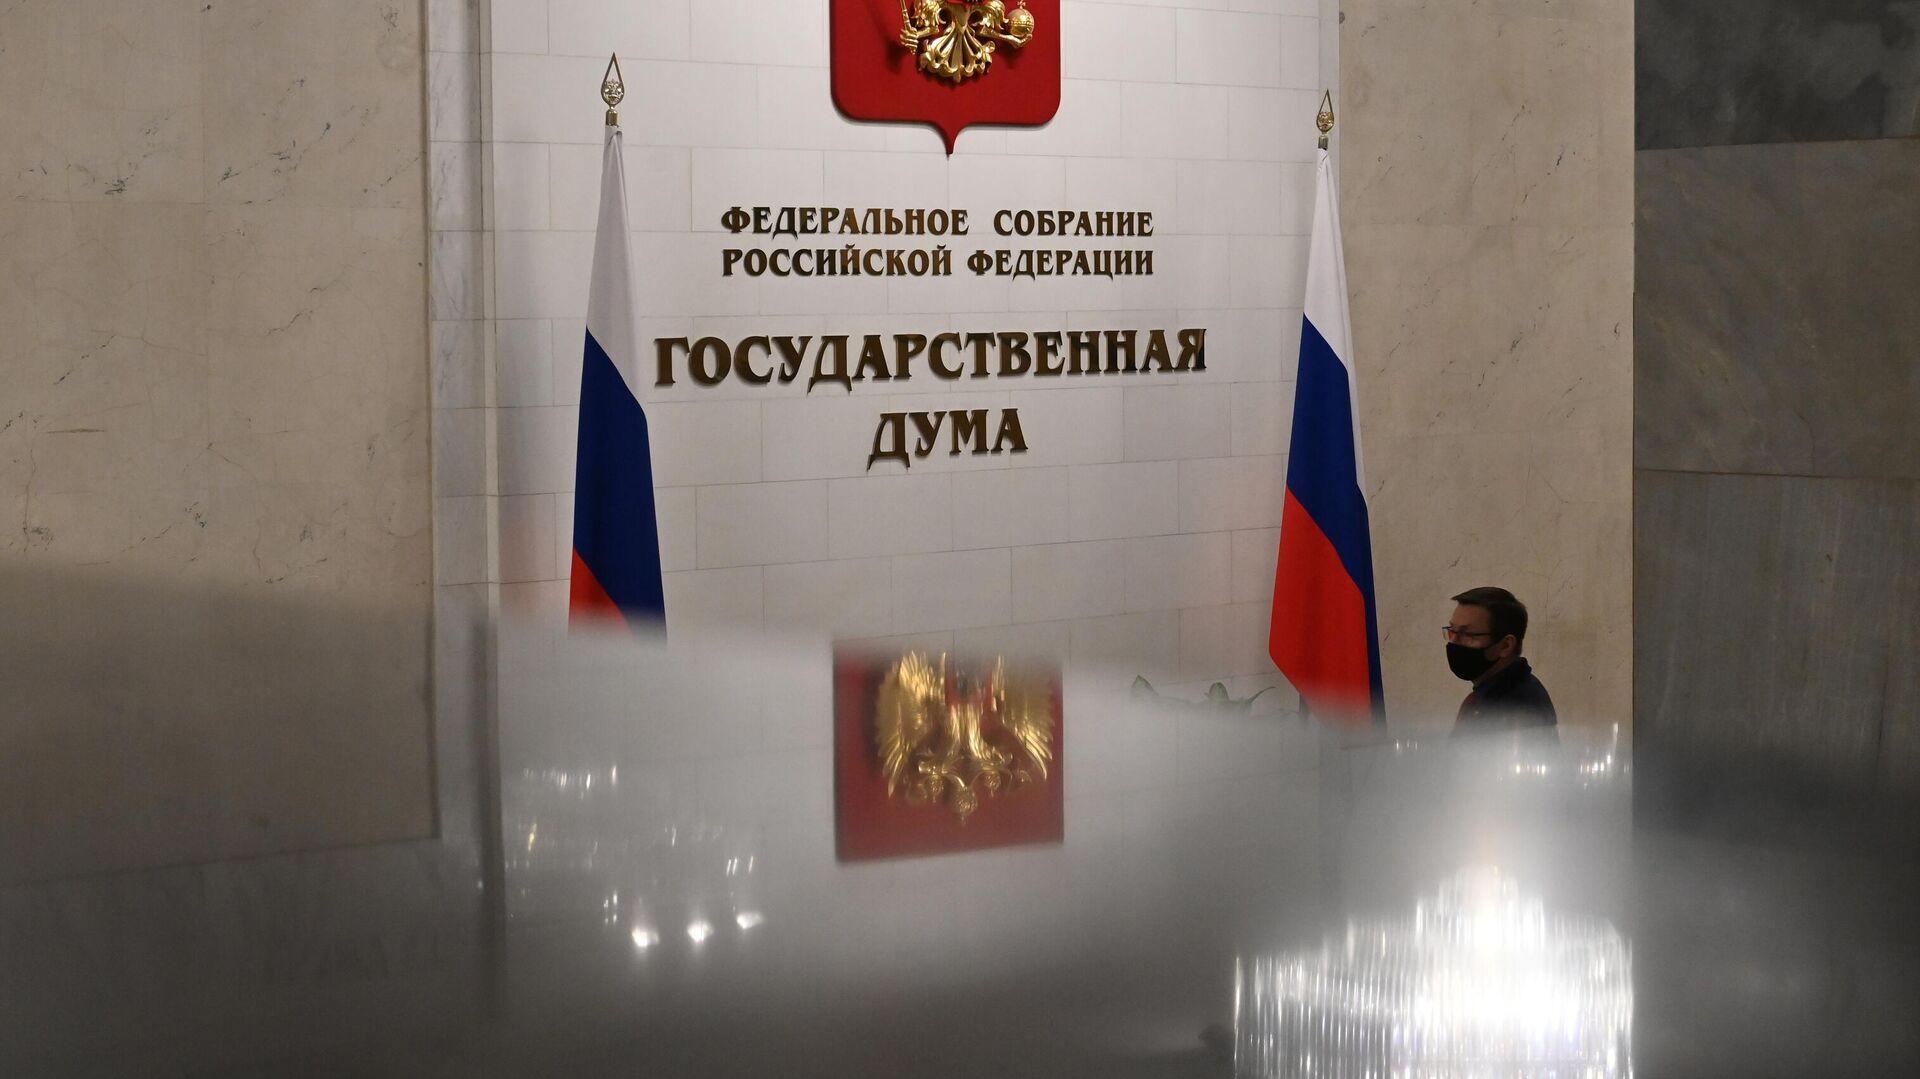 Мужчина в здании Государственной думы РФ - РИА Новости, 1920, 14.05.2021